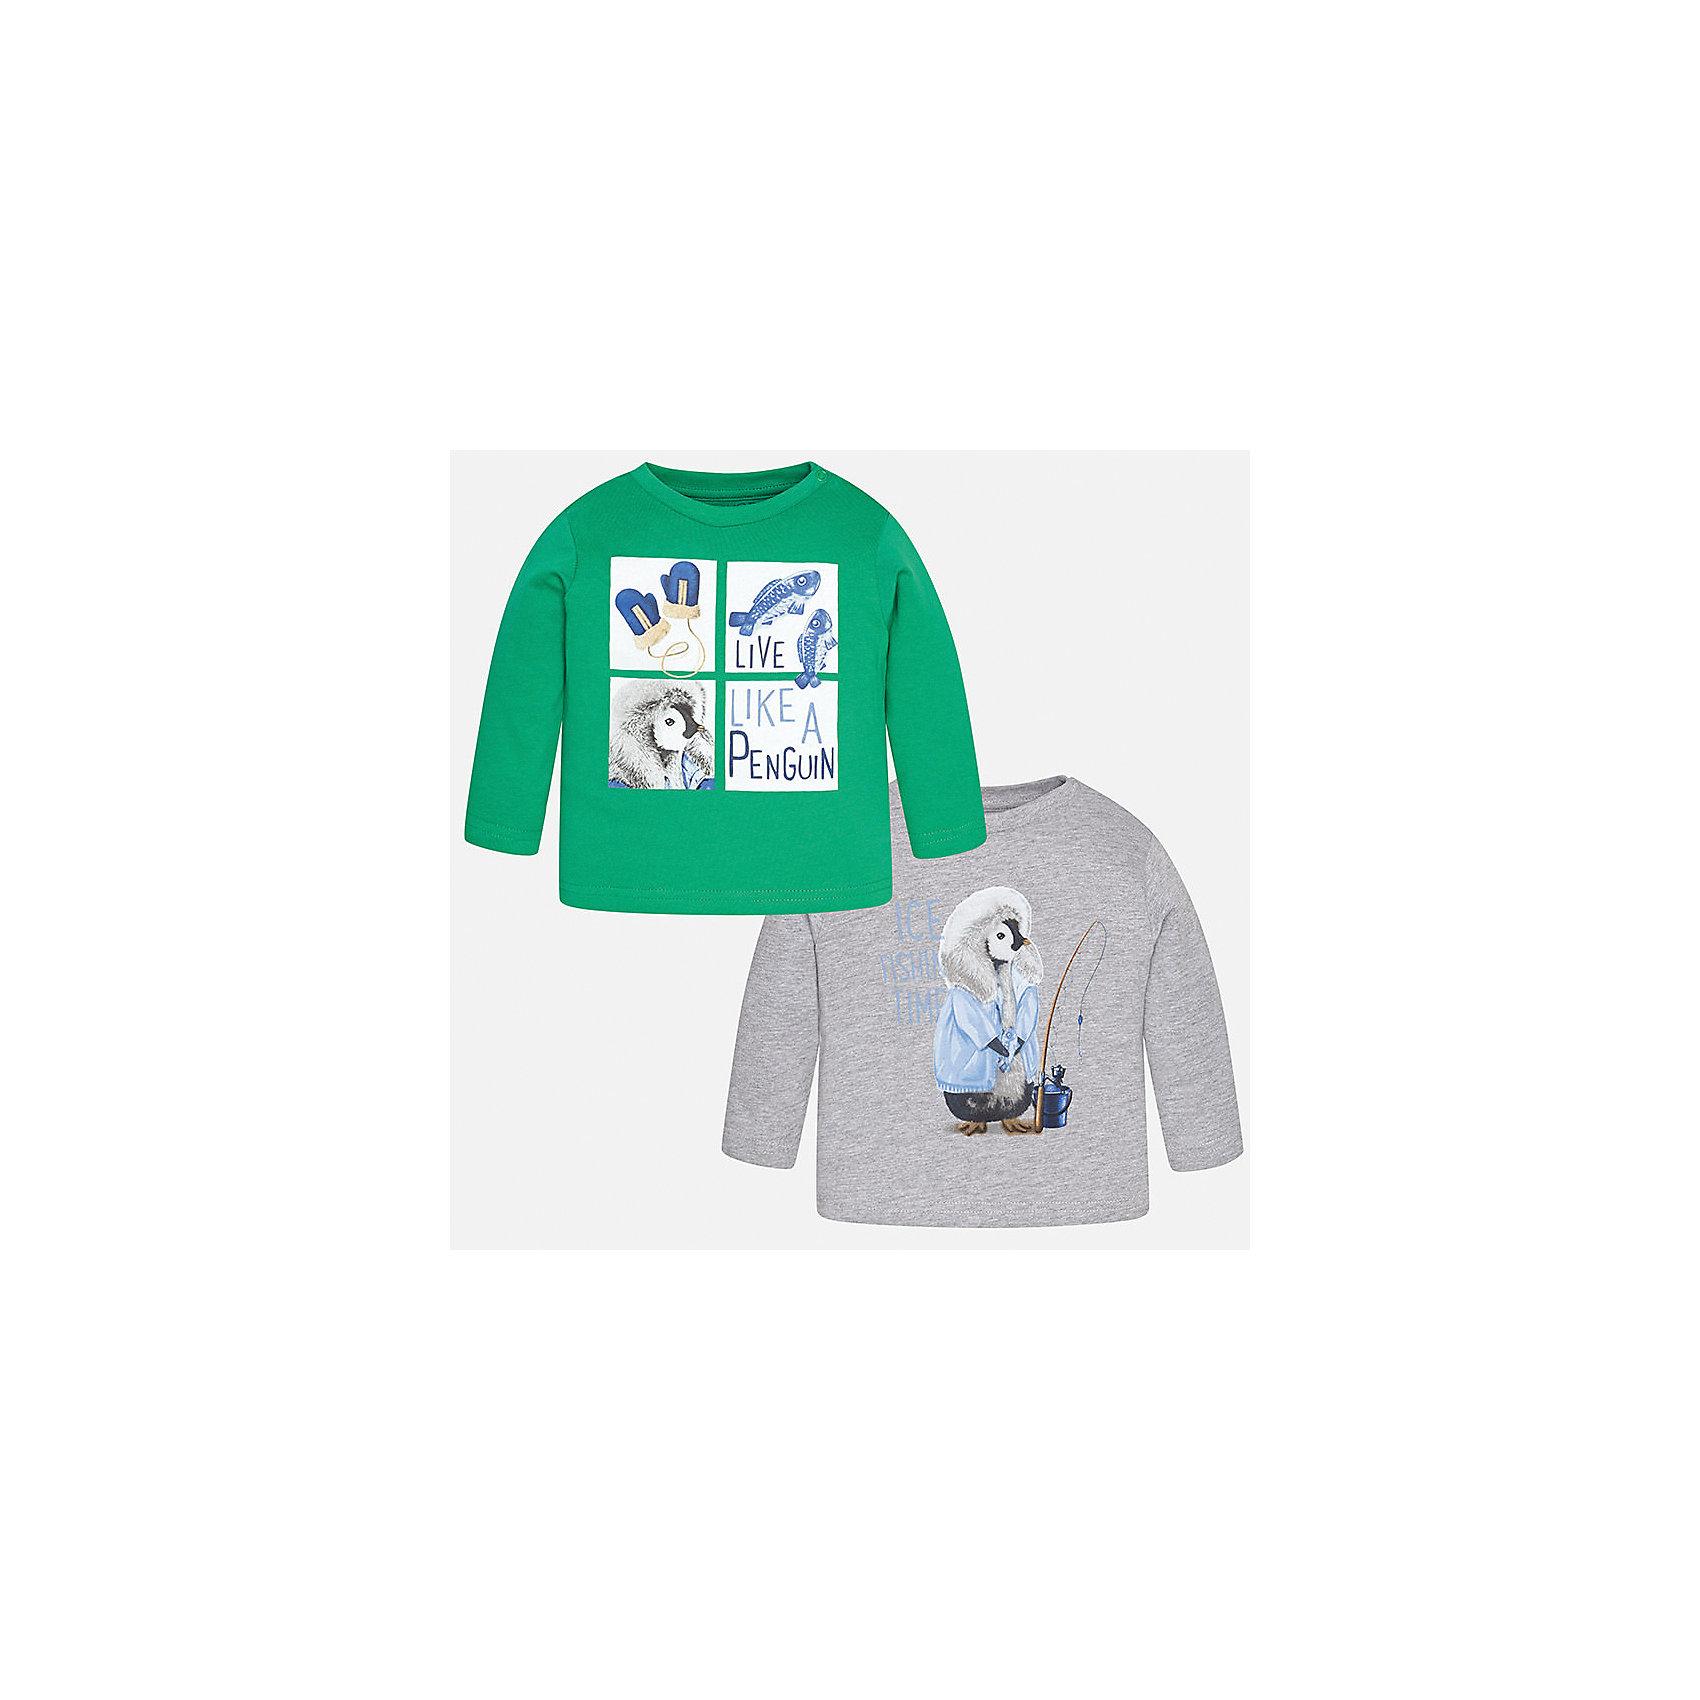 Футболка с длинным рукавом (2 шт.) для мальчика MayoralФутболки, топы<br>Характеристики товара:<br><br>• цвет: зеленый/серый;<br>• комплект: 2 шт.;<br>• состав ткани: 100% хлопок;<br>• длинный рукав;<br>• рисунок: принт;<br>• кнопка на воротнике;<br>• сезон: демисезон;<br>• страна бренда: Испания;<br>• страна изготовитель: Индия.<br><br>Комплект из двух футболок с длинным рукавом для мальчика от популярного бренда Mayoral  выполнен из натурального хлопка, ткань эластичная и приятная на ощупь. Однотонные модели декорированы принтом с изображением милых и забавных пингвинов, имеют круглый вырез и кнопки по плечевому шву для удобства переодевания малыша.  <br><br>Обе модели очень практичны и долги в носке, цвет не тускнеет, смотрятся аккуратно и стильно. Идеально подходит для повседневной одежды как дома, так и на прогулку.<br><br>Для производства детской одежды популярный бренд Mayoral используют только качественную фурнитуру и материалы. Оригинальные и модные вещи от Майорал неизменно привлекают внимание и нравятся детям.<br><br>Комплект из двух футболок с длинным рукавом для мальчика Mayoral (Майорал) можно купить в нашем интернет-магазине.<br><br>Ширина мм: 230<br>Глубина мм: 40<br>Высота мм: 220<br>Вес г: 250<br>Цвет: зеленый<br>Возраст от месяцев: 12<br>Возраст до месяцев: 15<br>Пол: Мужской<br>Возраст: Детский<br>Размер: 80,86,92,98,74<br>SKU: 6932368